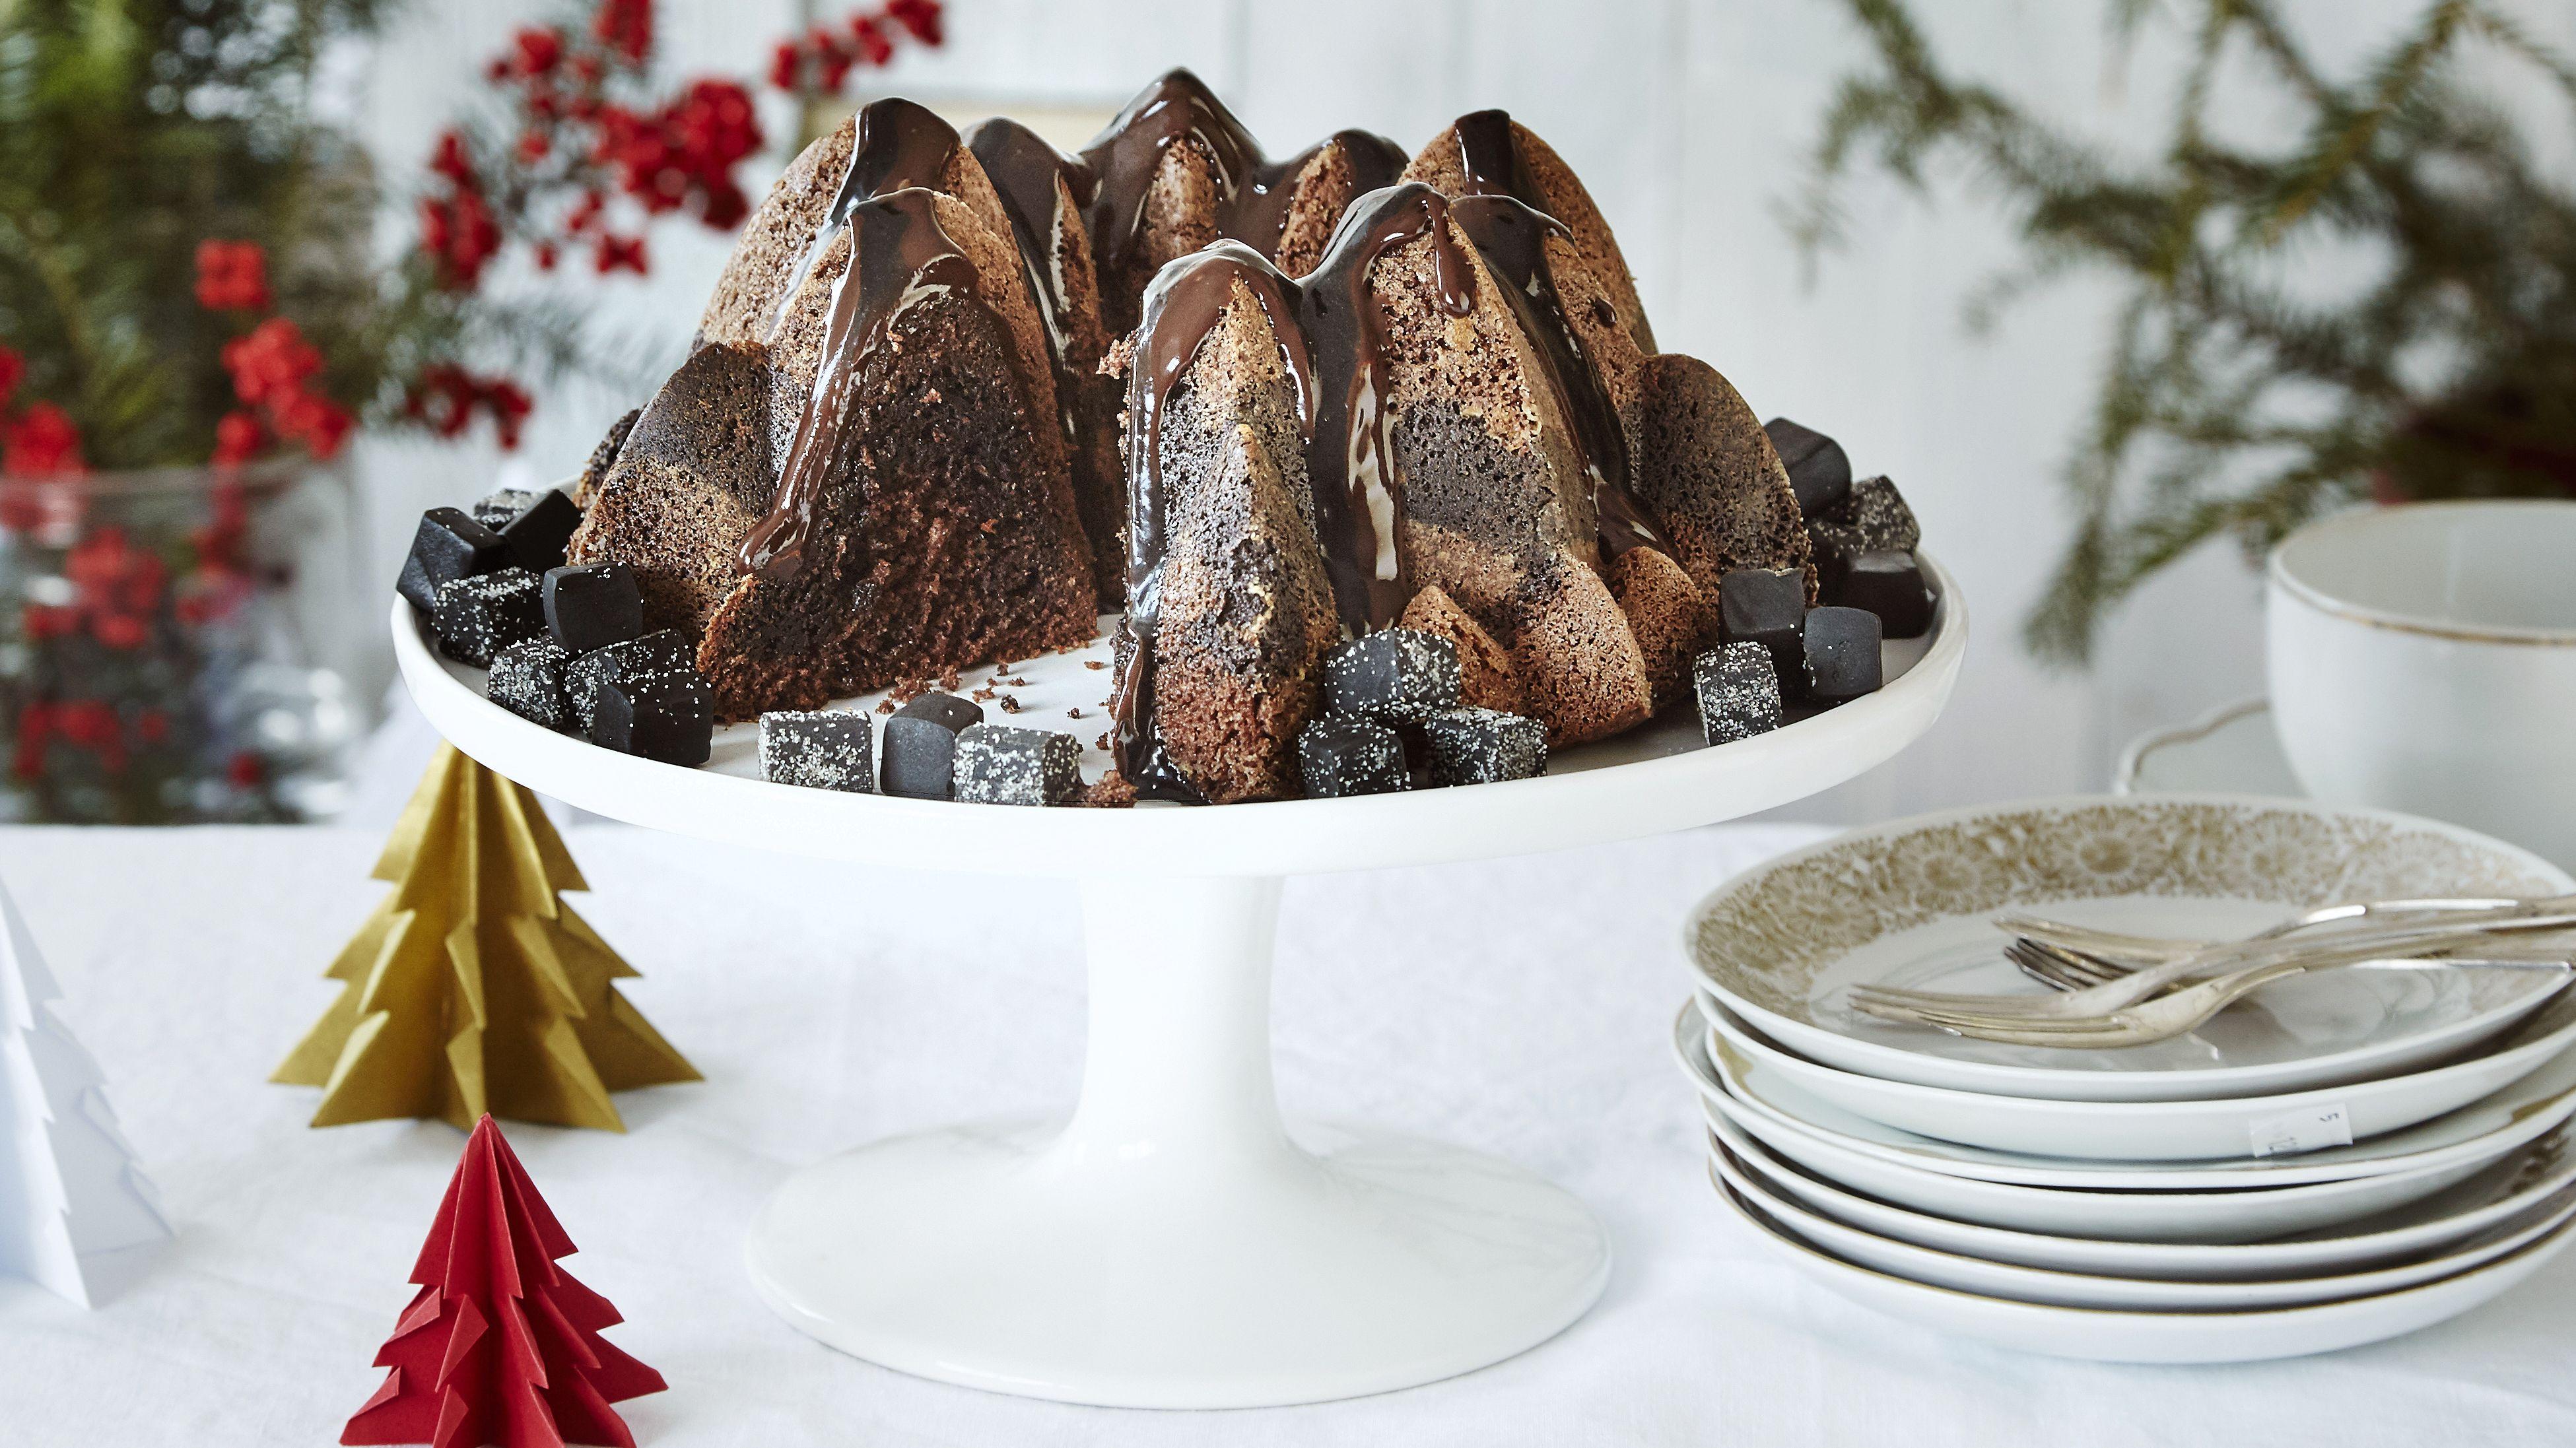 Kuorrutettu suklaa-lakutiikerikakku on uudenlainen vaihtoehto perinteiselle tiikerikakulle. Kakku säilyy mehevänä jääkaapissa.  Tämäkin resepti vain n. 0,15€/annos*.